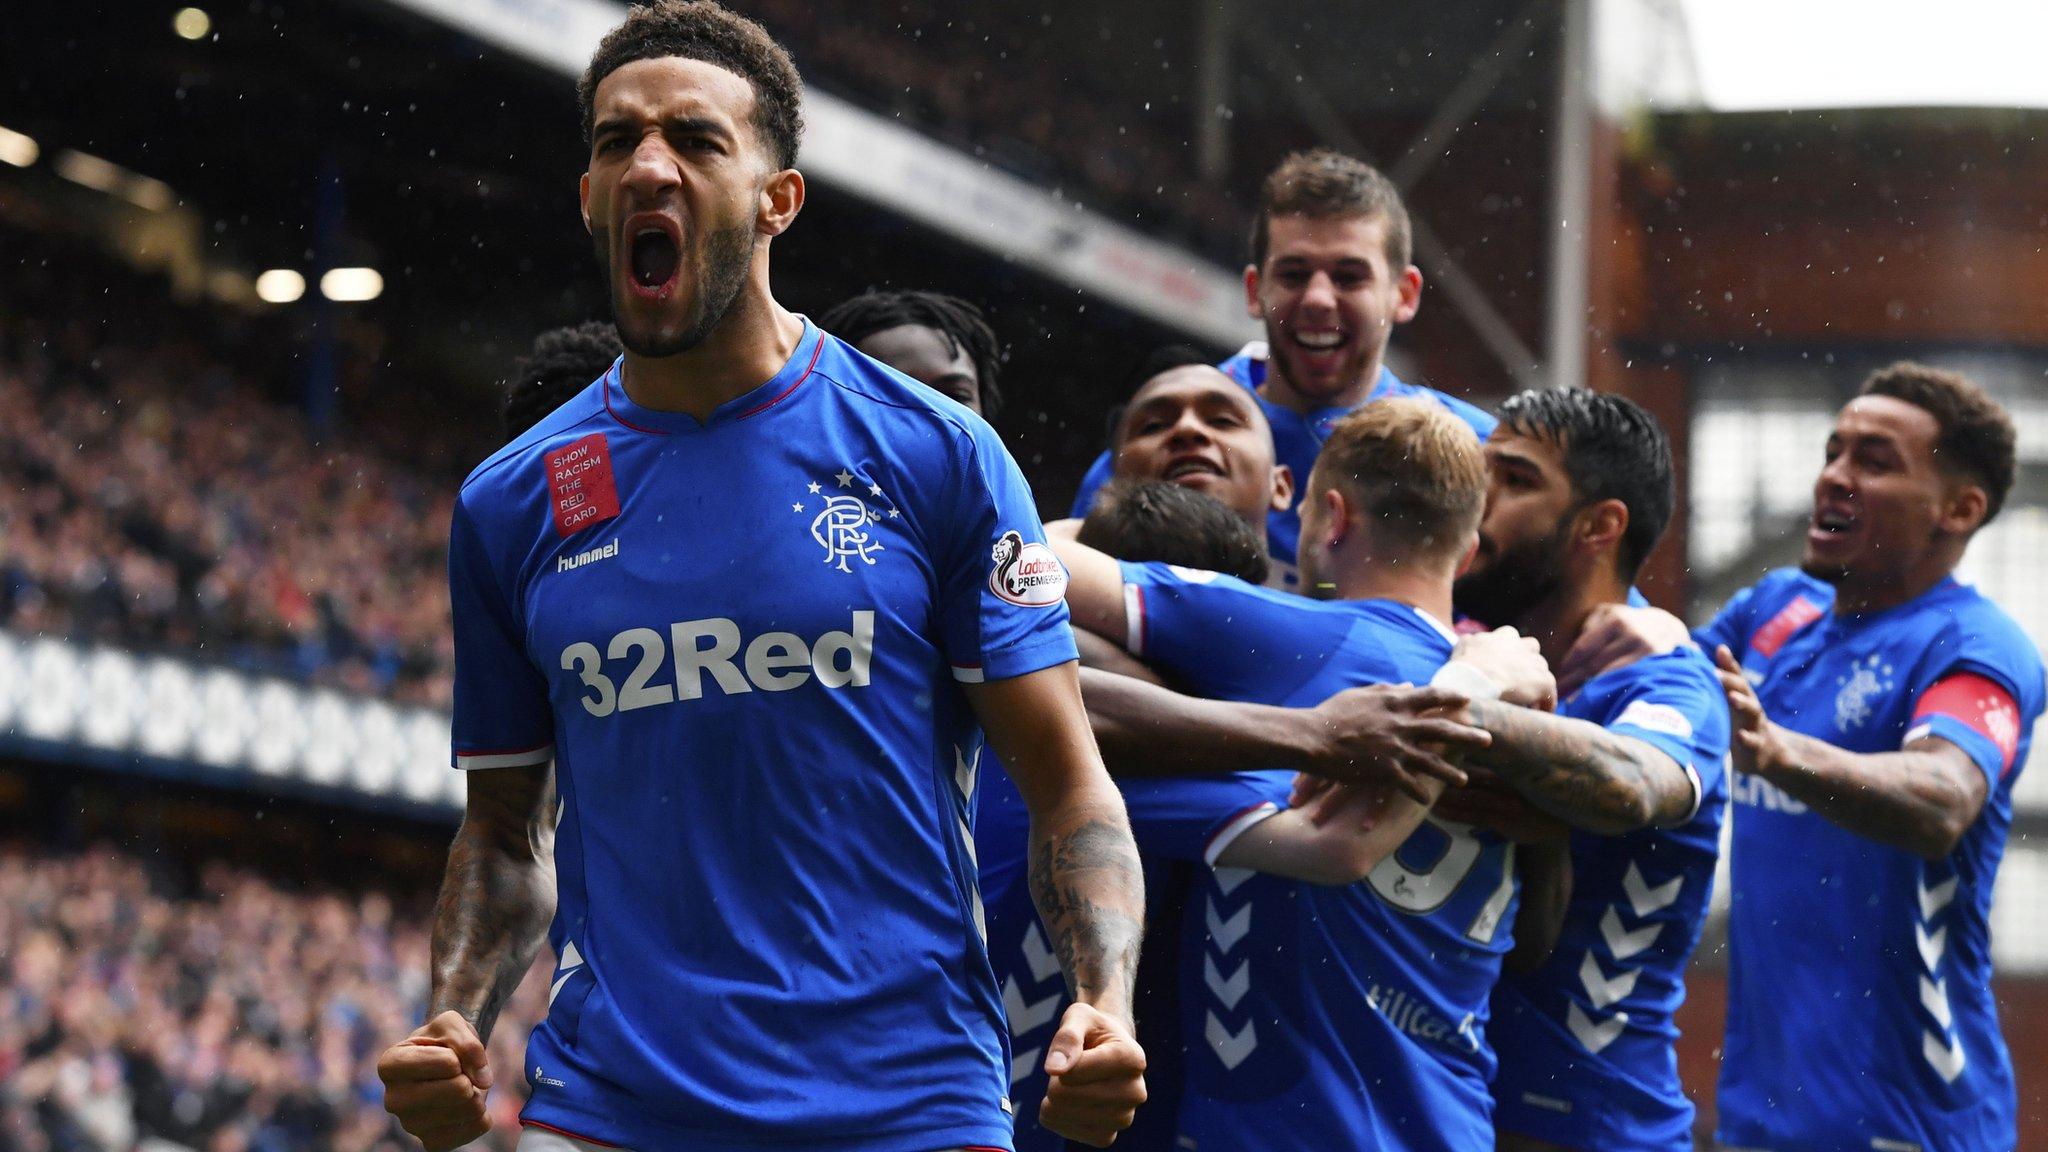 Rangers 3-1 Hearts: Kent, Morelos & Arfield score for Steven Gerrard's side